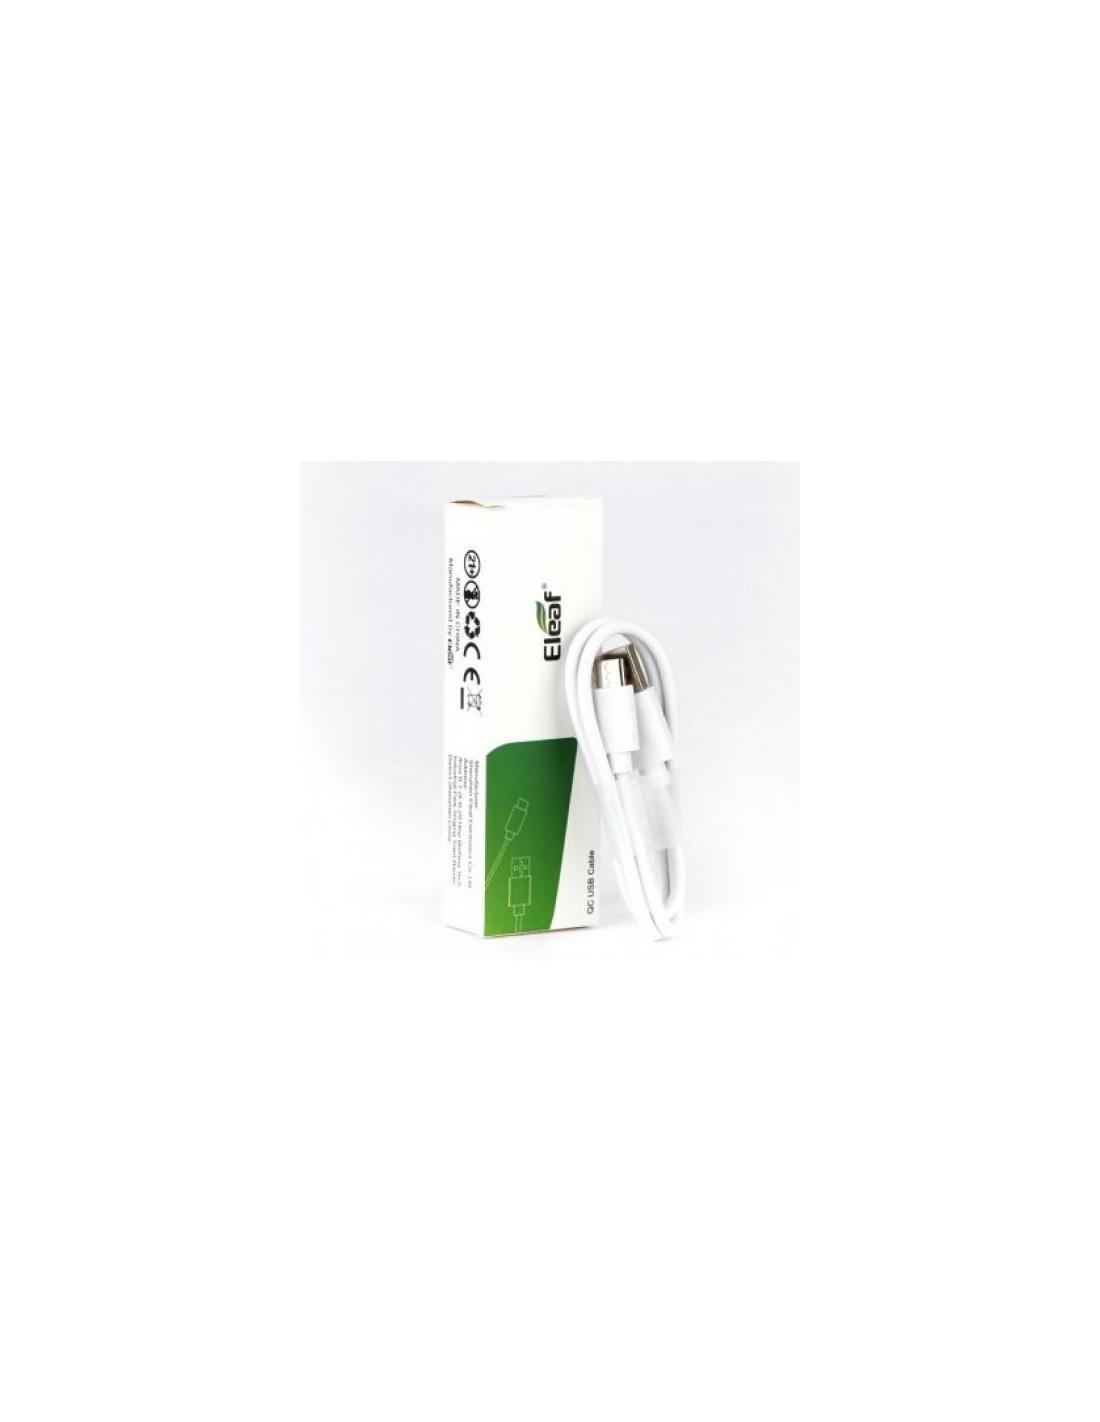 eleaf cavo qc usb type-c caricabatterie 50 cm